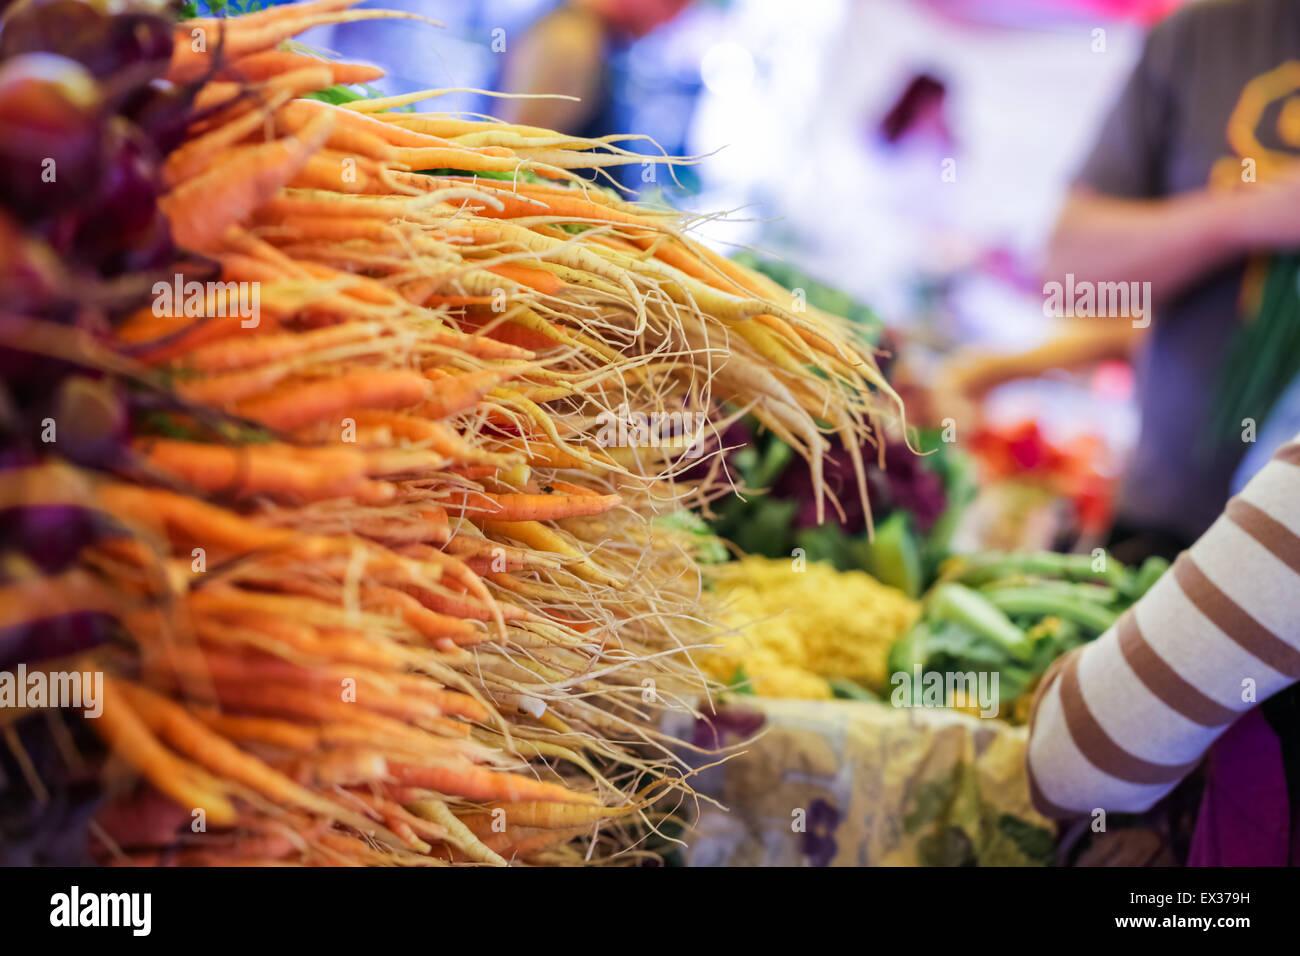 Frischen Bio-Produkten auf dem örtlichen Bauernmarkt. Stockbild